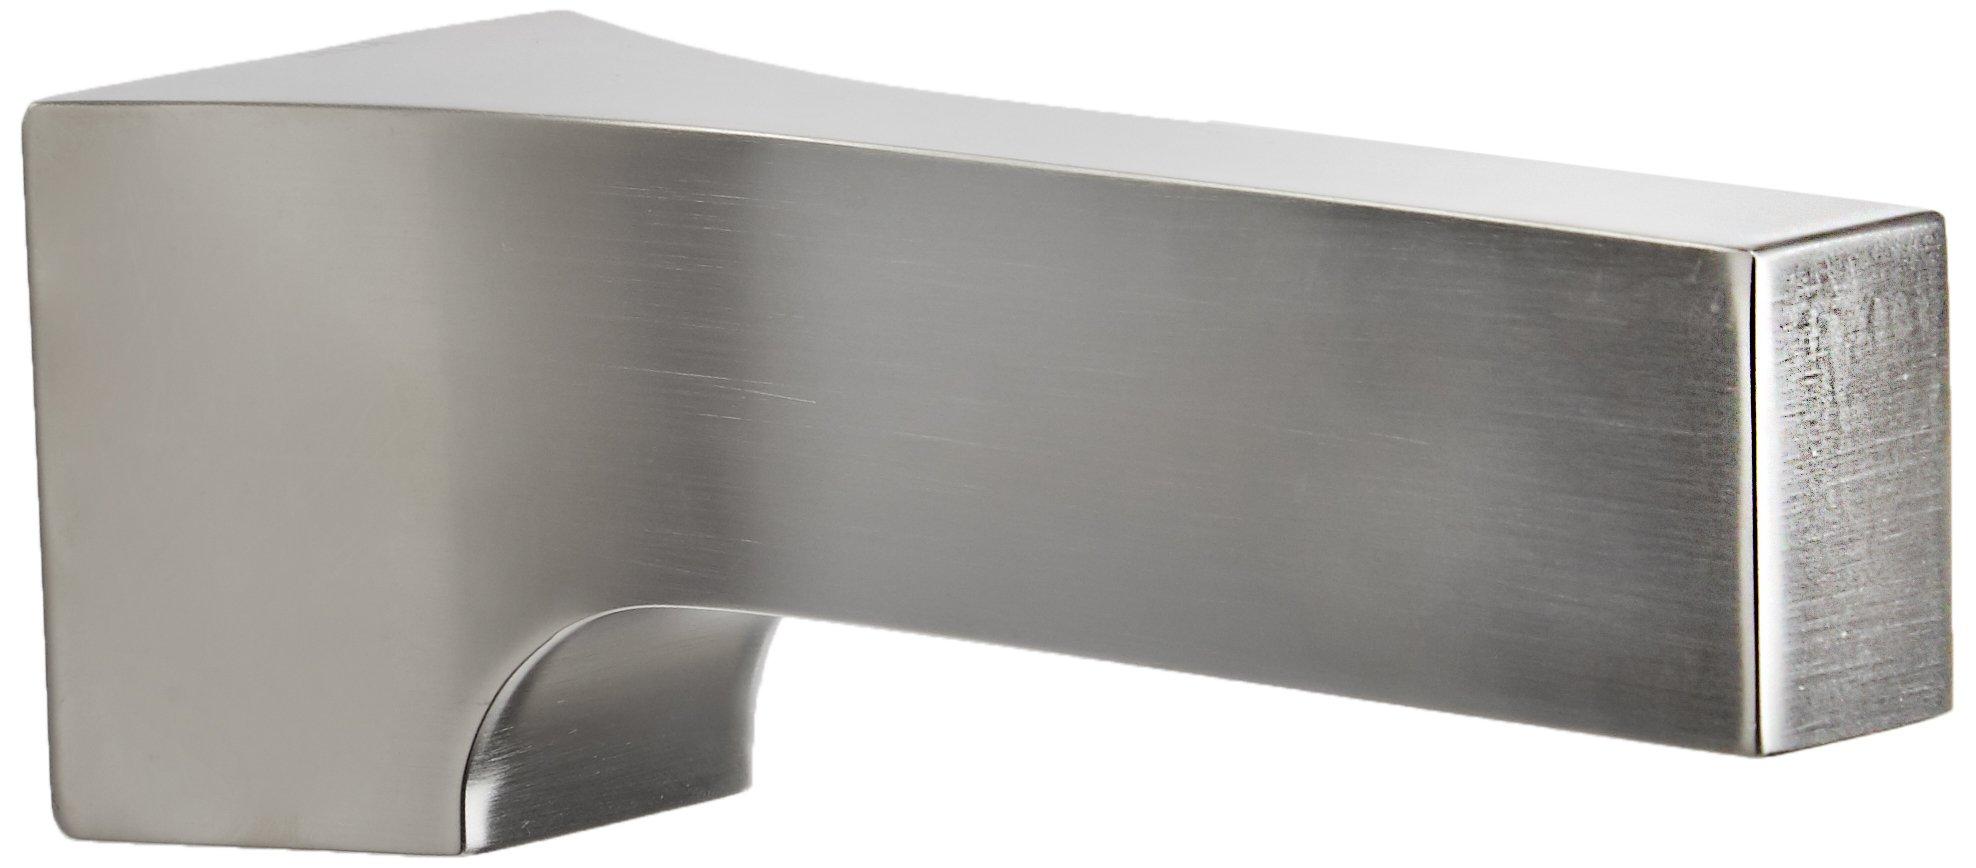 Delta Faucet RP87251SS Zura Non-Diverter Tub Spout, Stainless by DELTA FAUCET